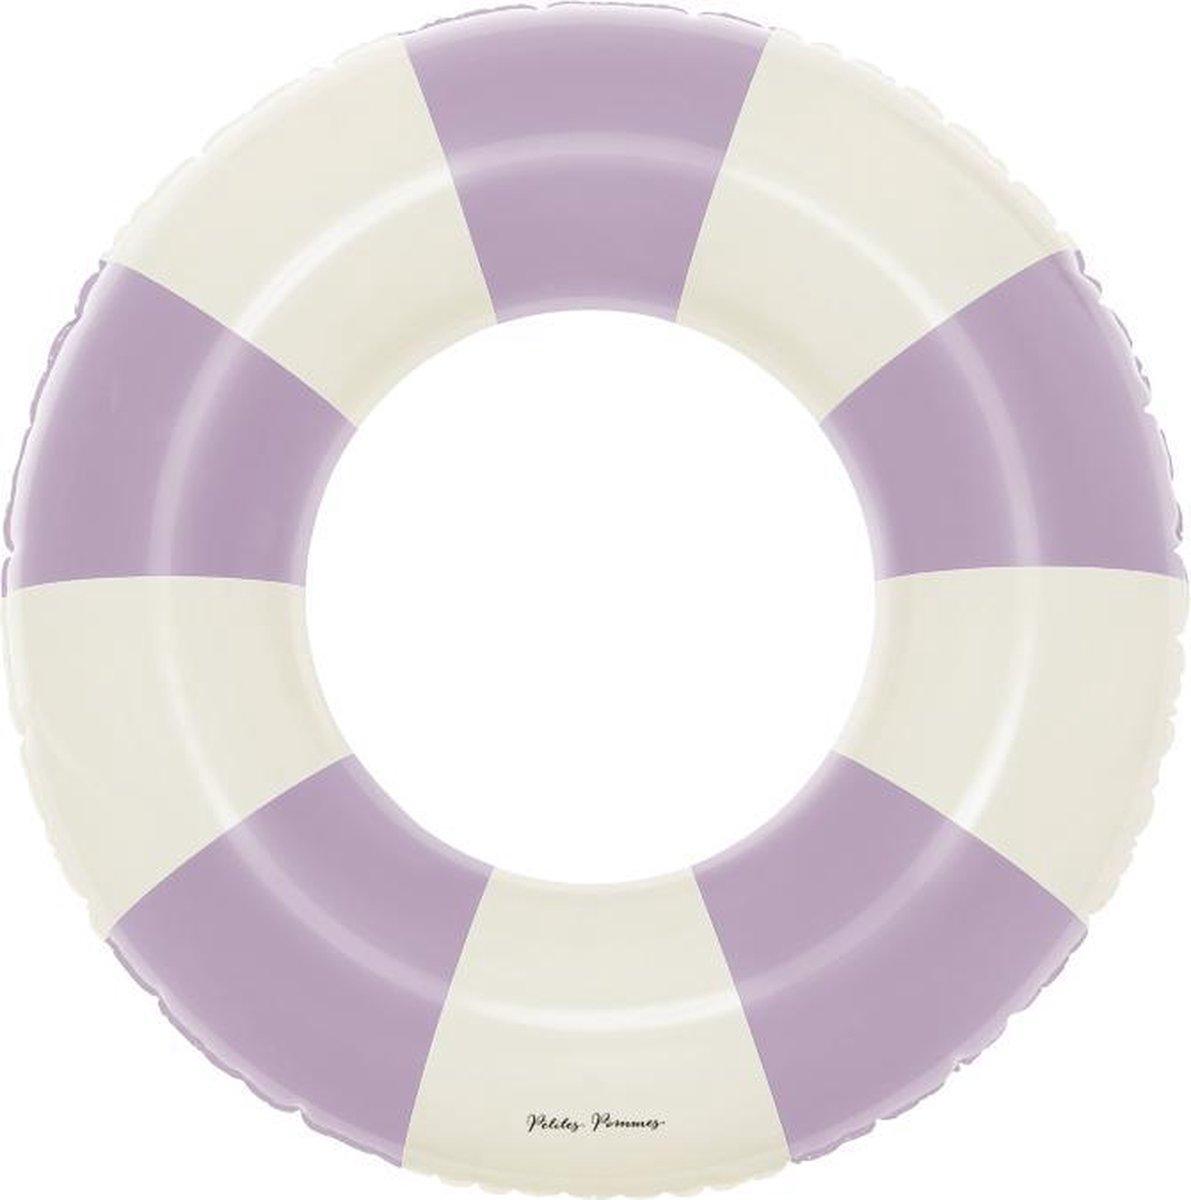 Petites Pommes Zwemring Olivia Violet - Zwemband - 45 cm - 1 tot 3 jaar